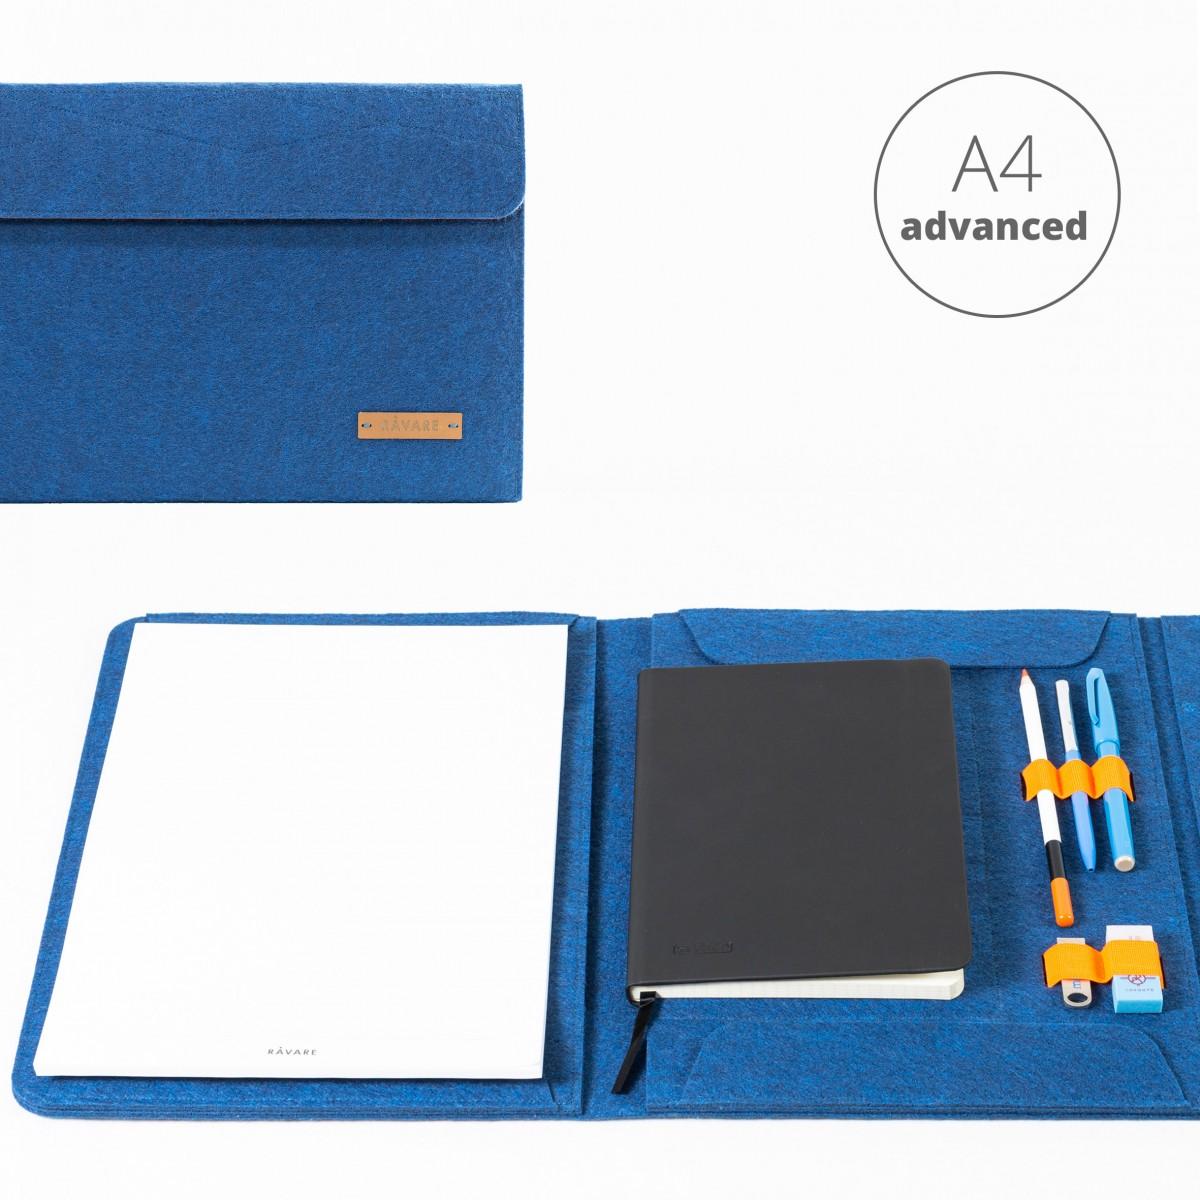 RÅVARE Dokumentenmappe für A4-Dokumente, Kalender, Planer und Tablet ≤12.3″ in blau [HENNE]